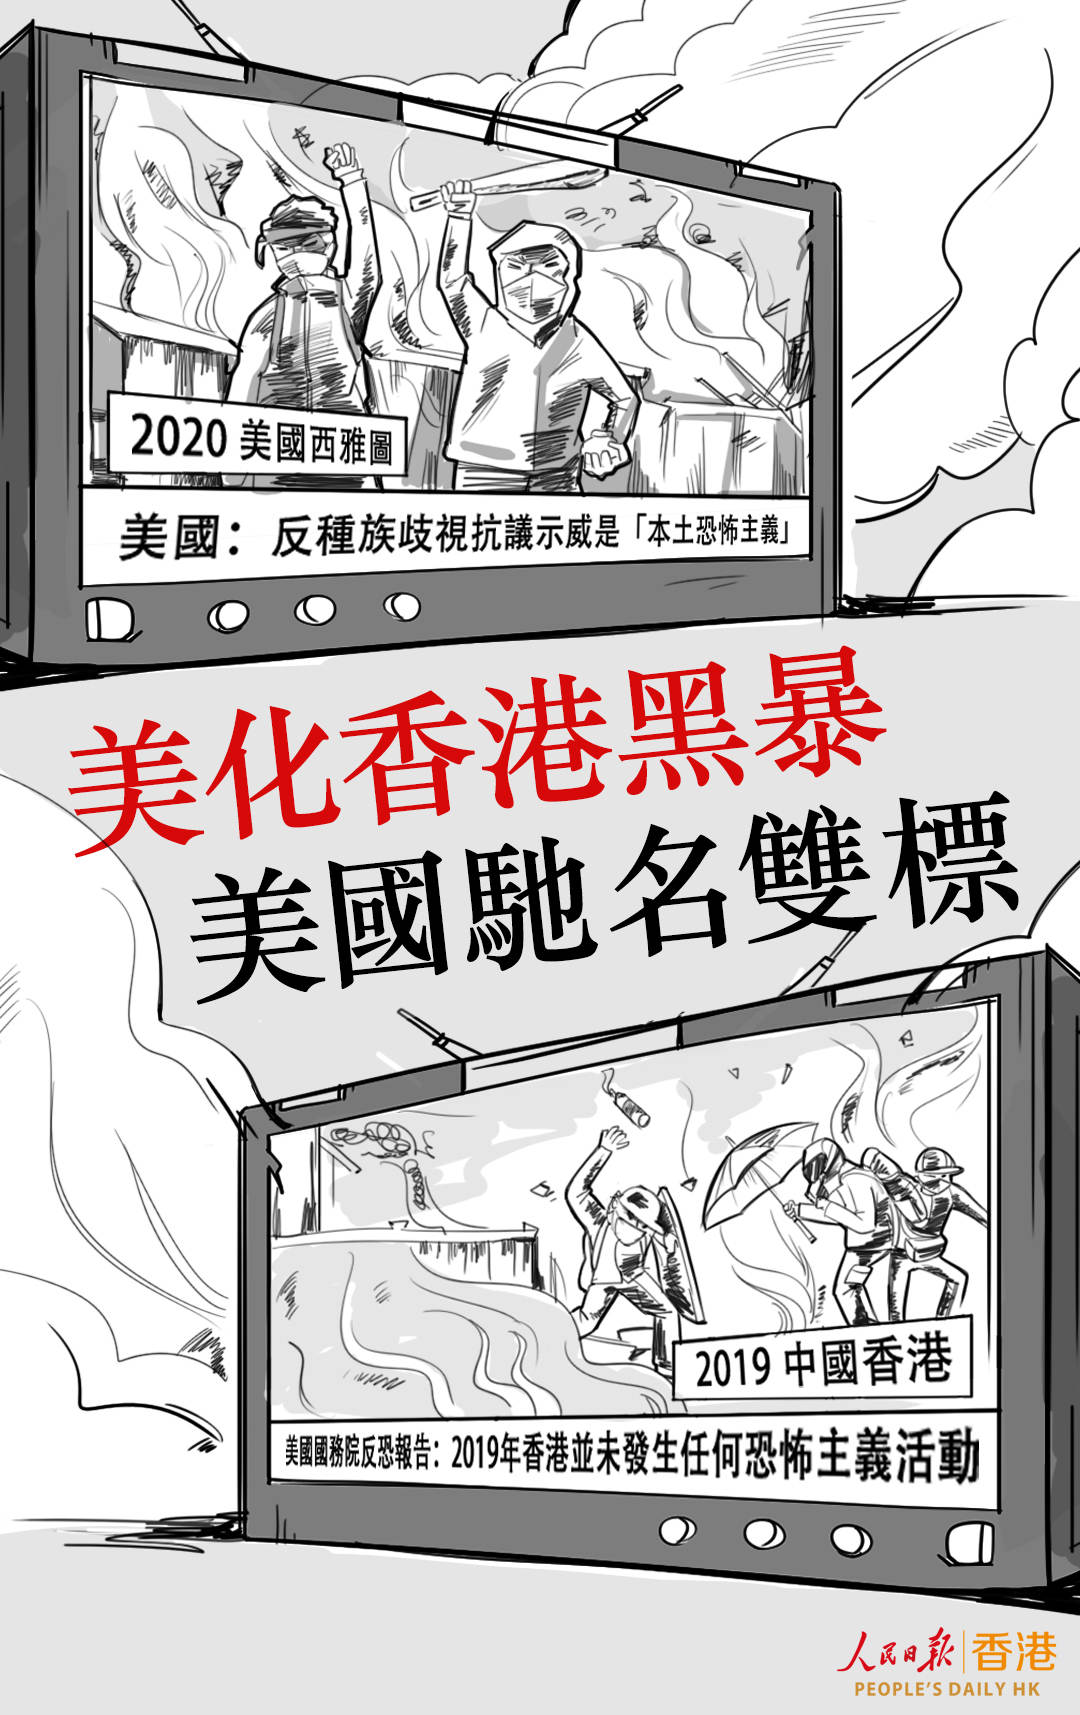 《【恒达登陆注册】美国打制裁香港牌,不过是一张烂牌》